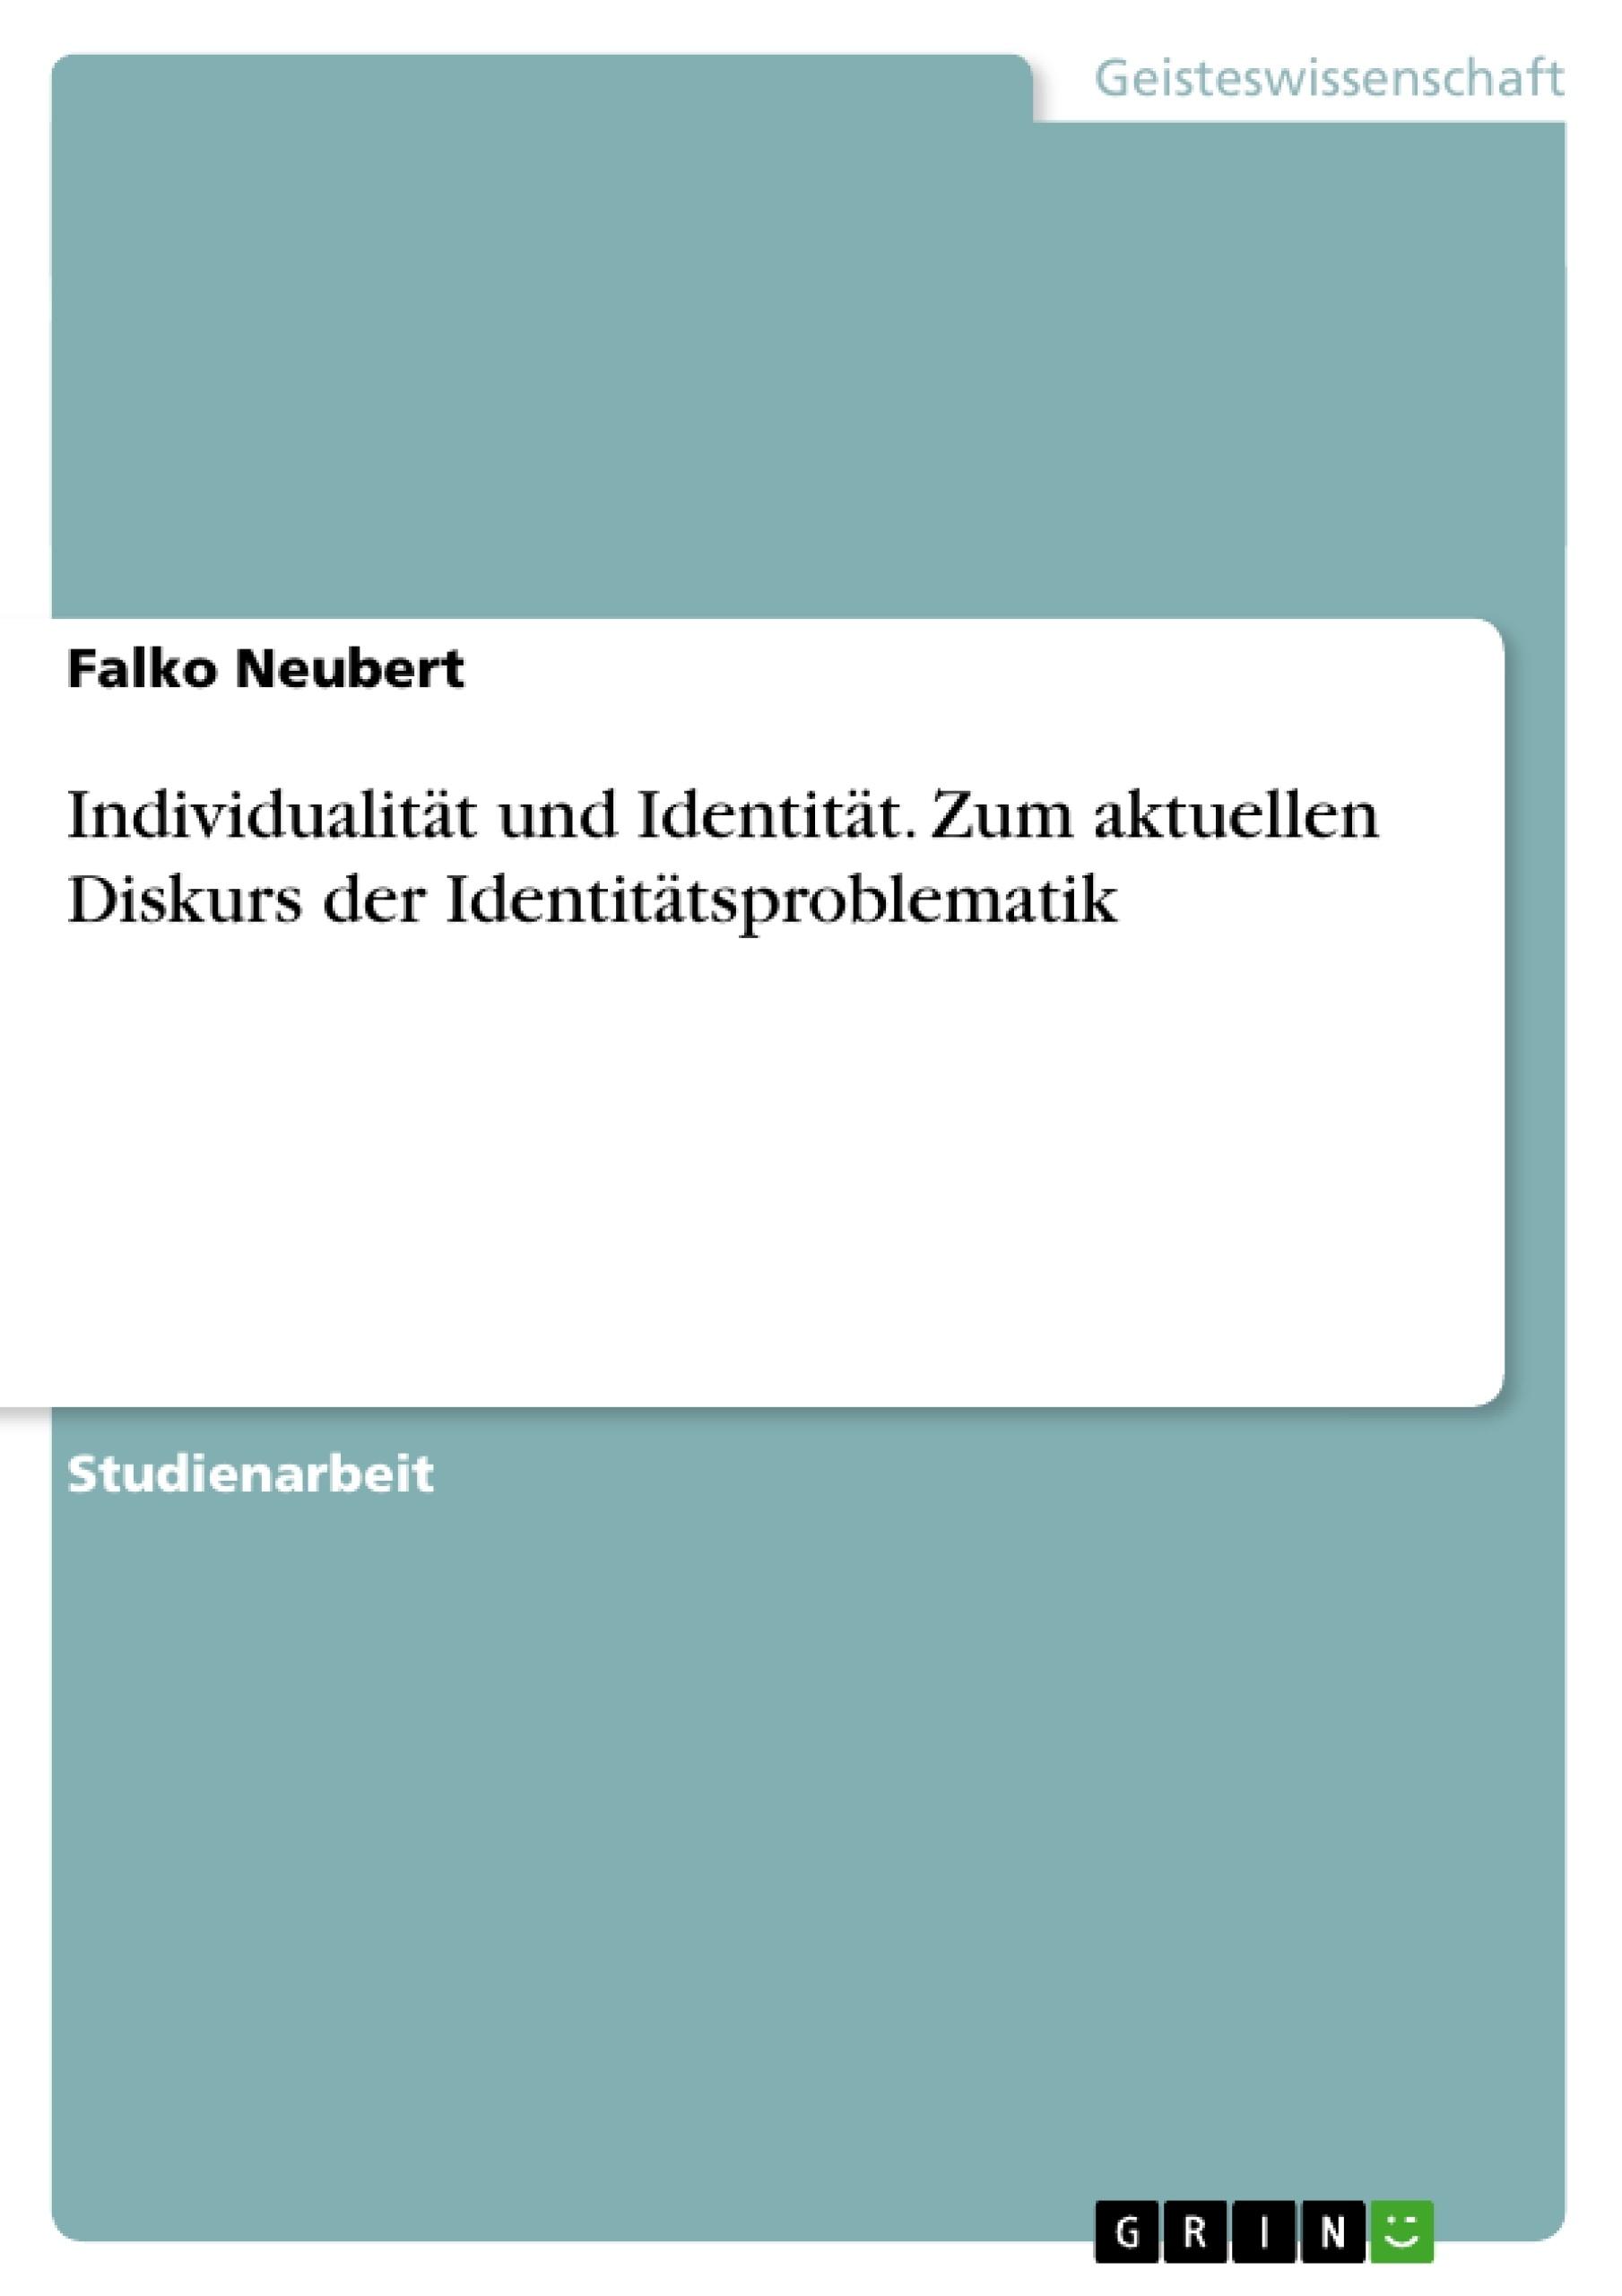 Titel: Individualität und Identität. Zum aktuellen Diskurs der Identitätsproblematik